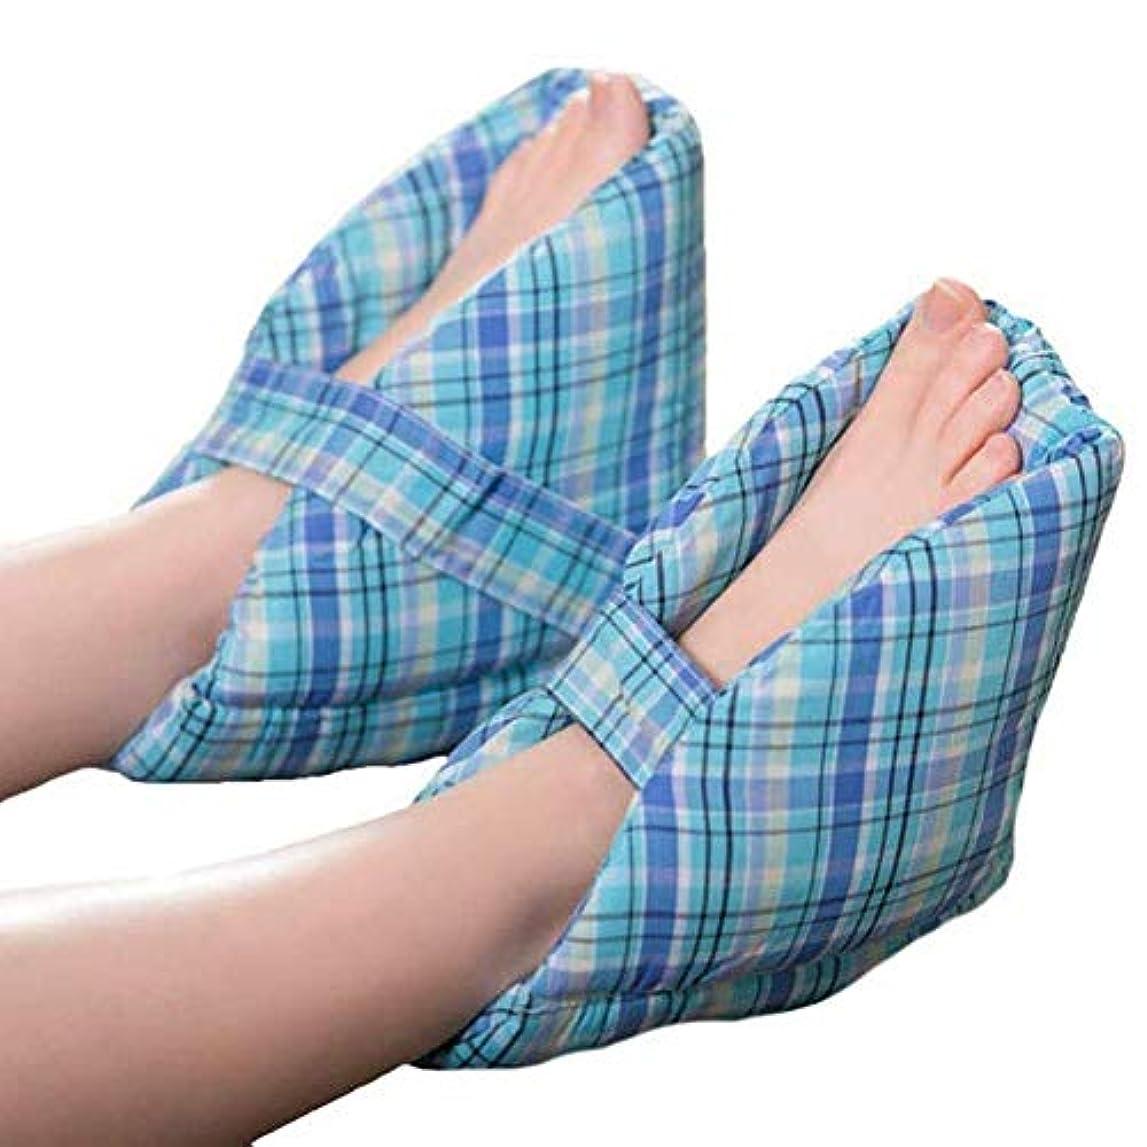 施し自治的姉妹かかとプロテクター柔らかく快適な履き心地により、足の枕、かかとのクッション、かかとの保護、1ペアが見つかります